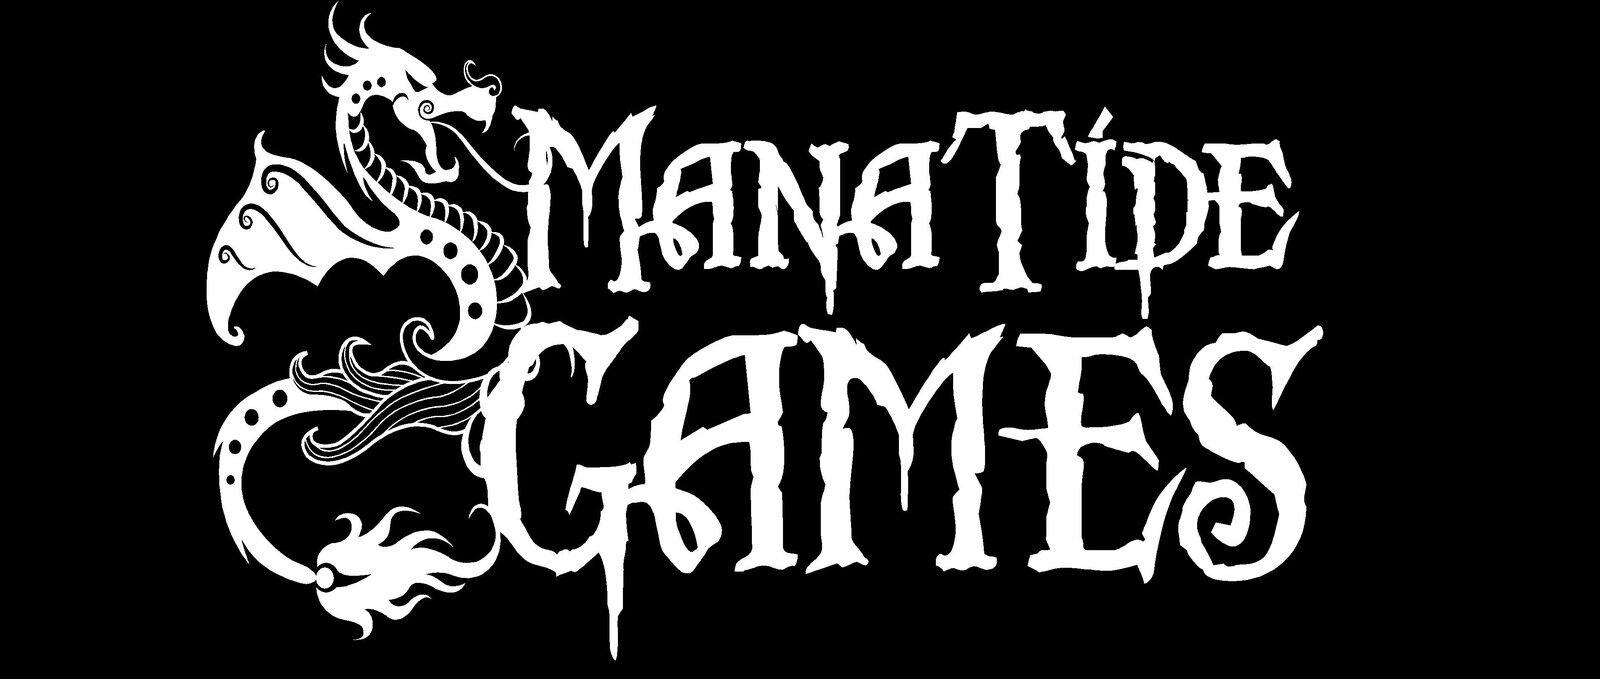 Manatidegames